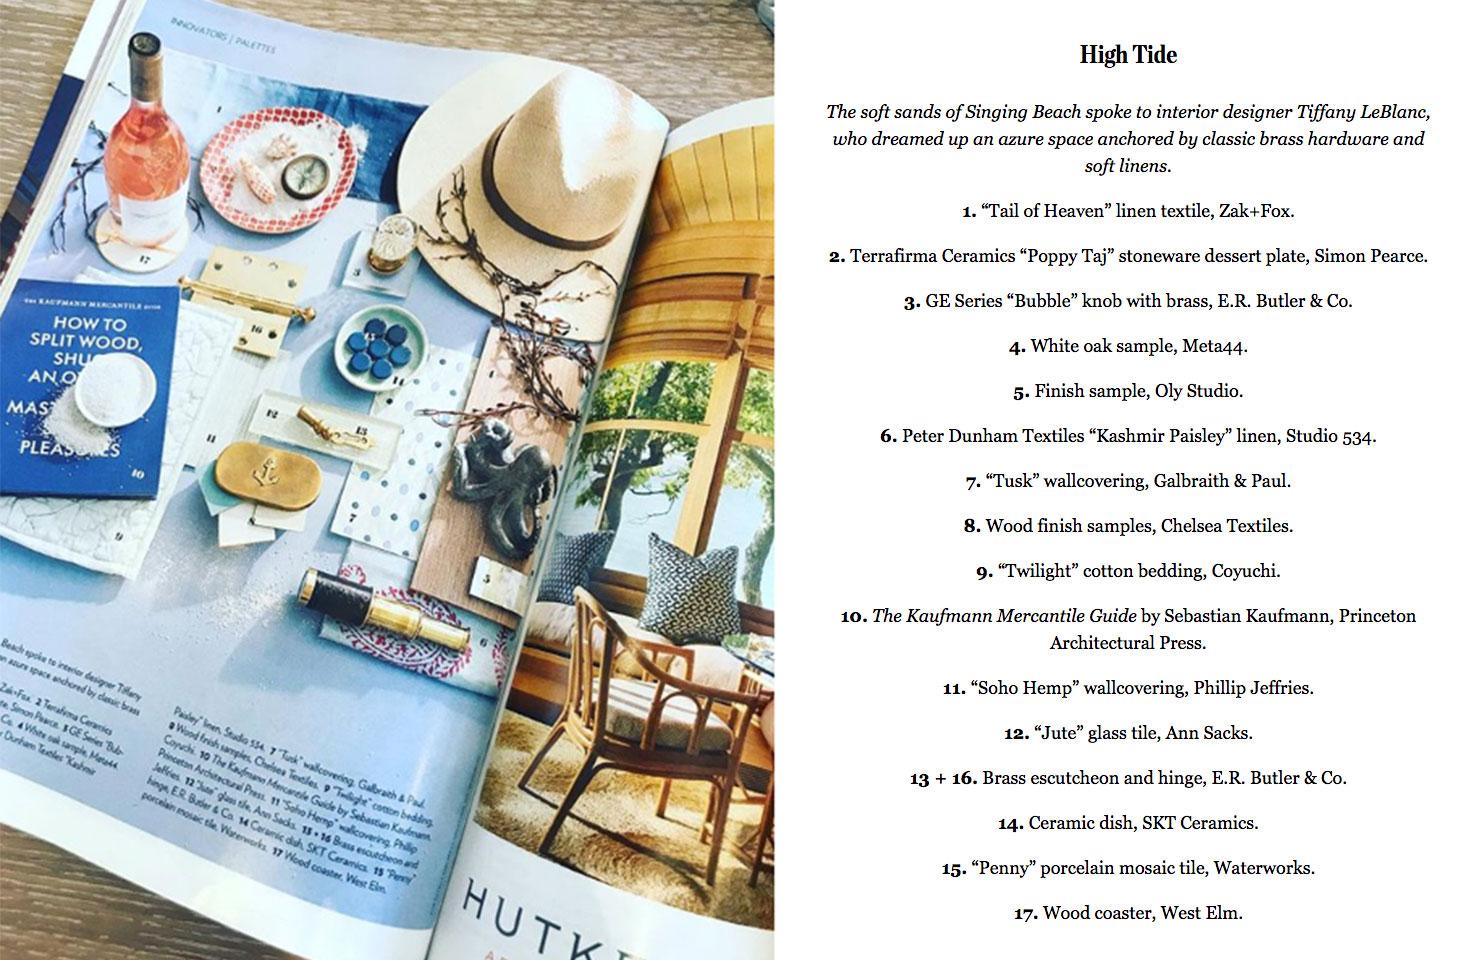 LeBlanc Interior Design featured in Boston Home Magazine